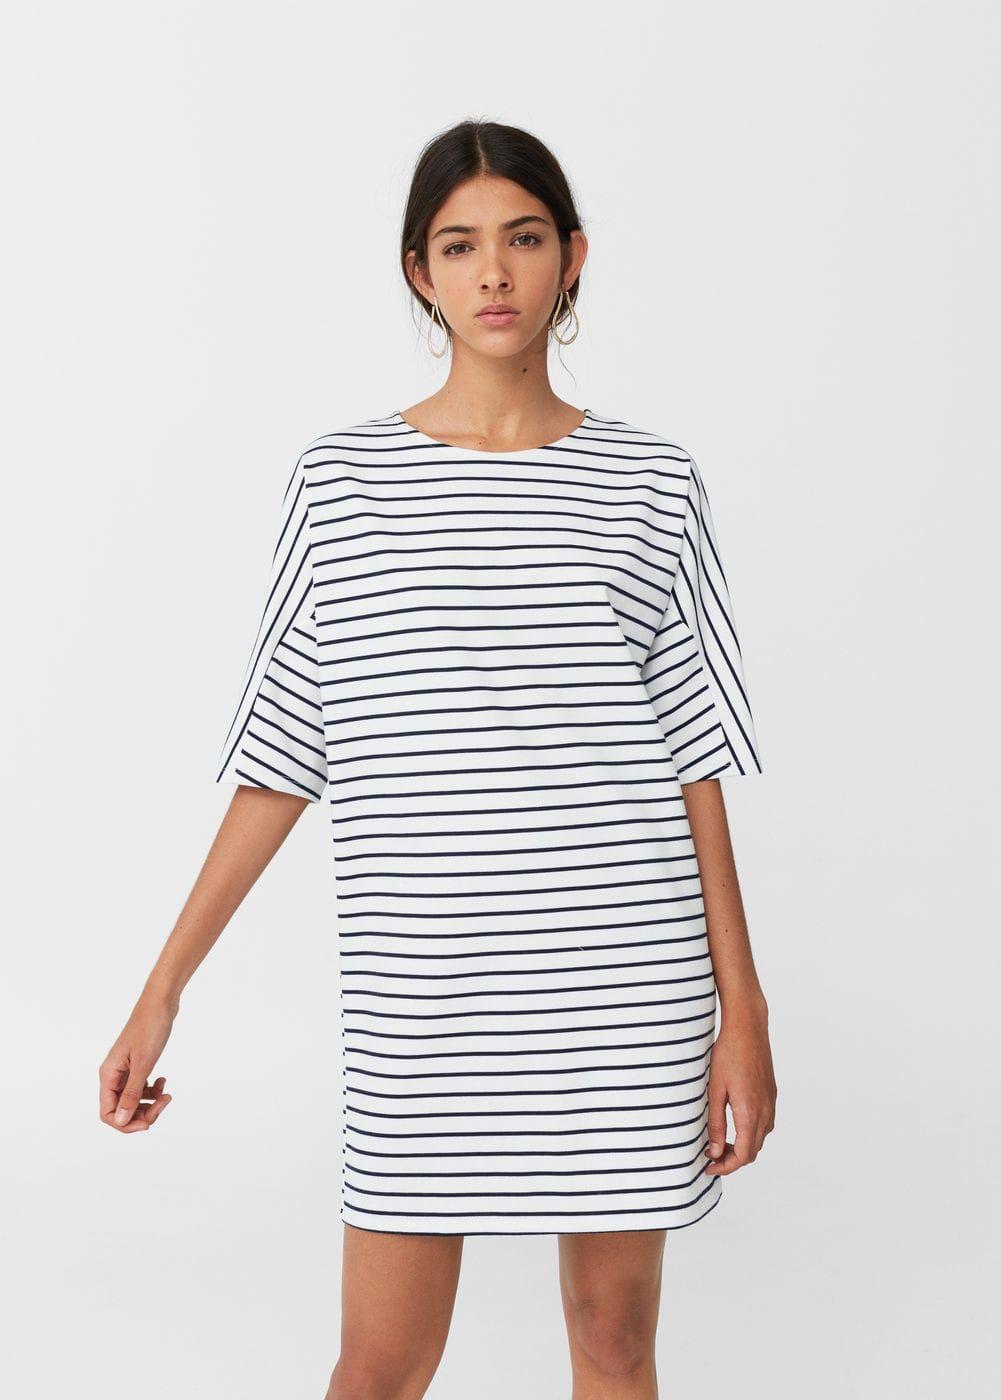 Gestreiftes kleid - Damen | Gestreiftes kleid, Mango und Streifen